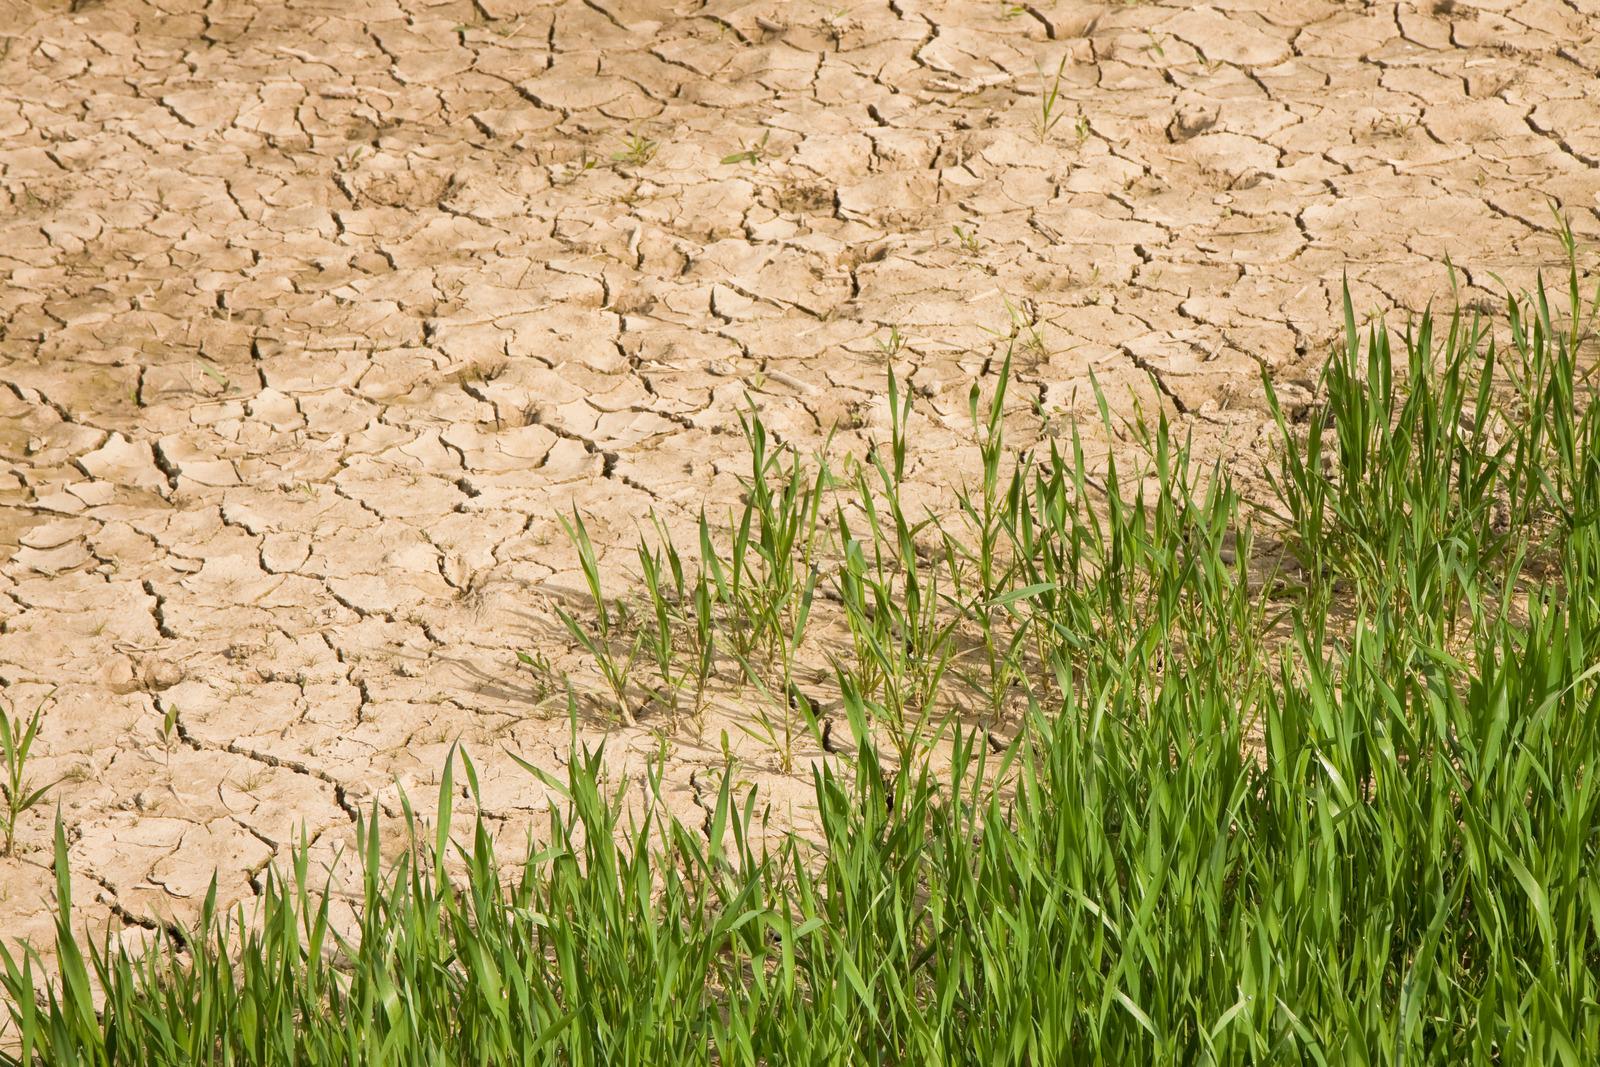 Prepare for global food emergency